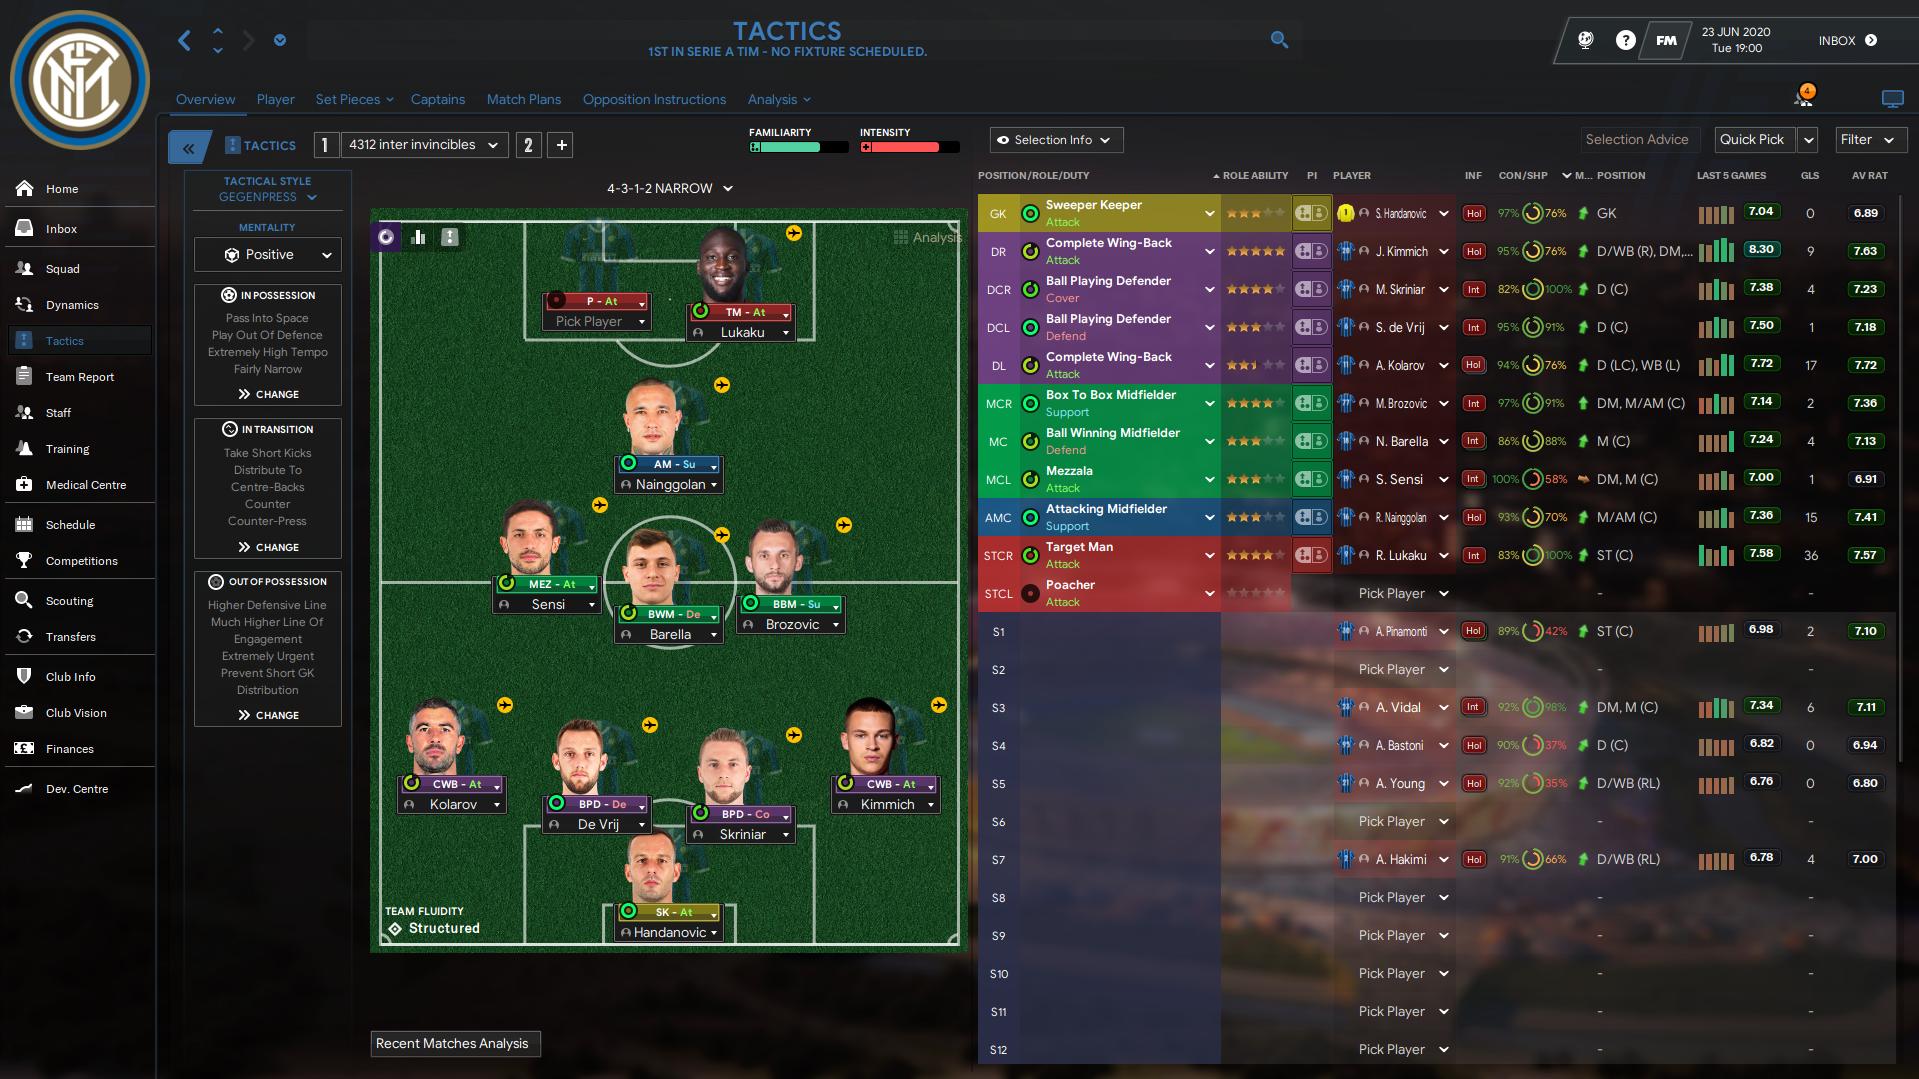 Inter tactic.png